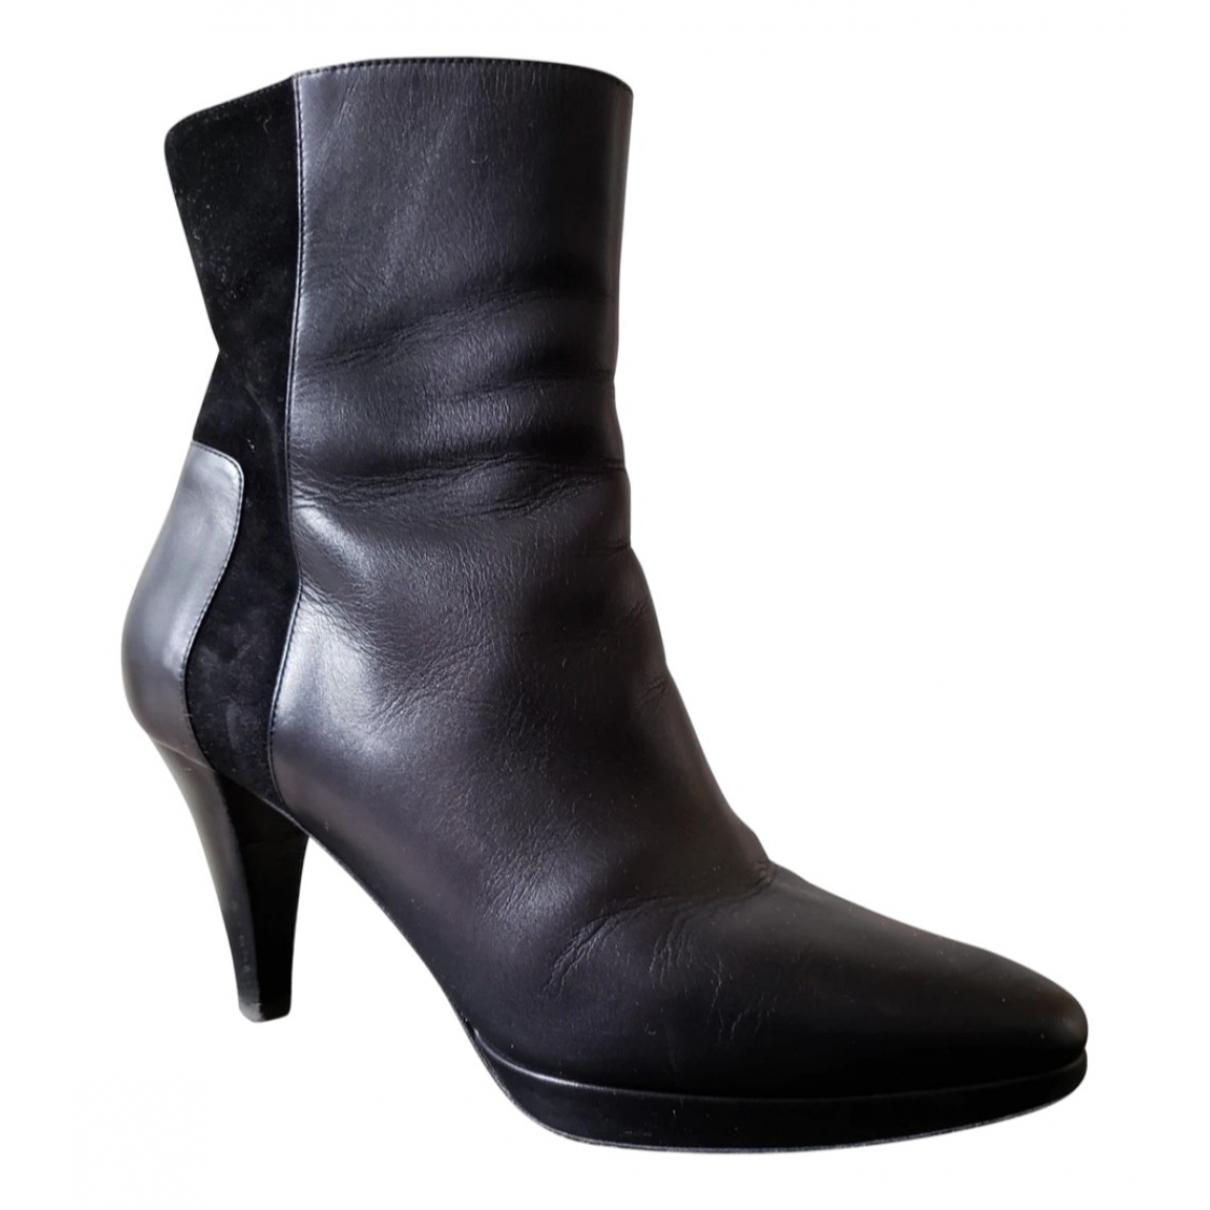 Bally - Boots   pour femme en cuir - noir